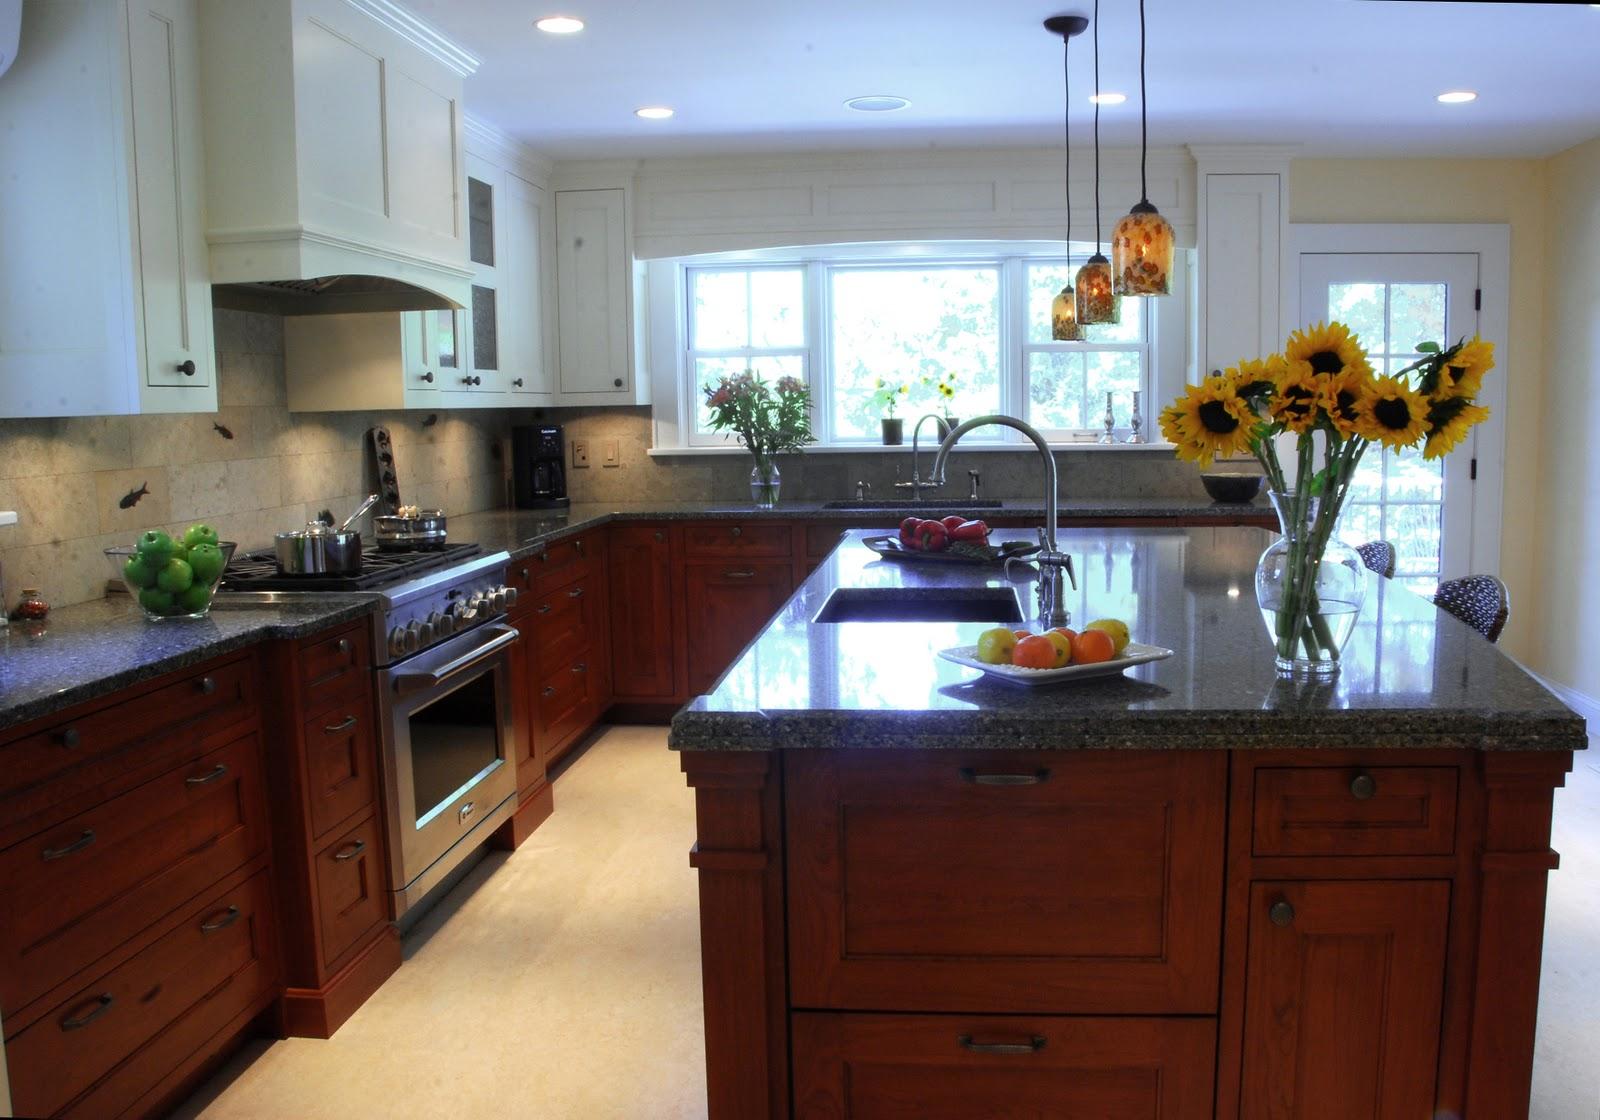 The kitchen design diary kitchen renovation stories for Kitchen design lexington ky